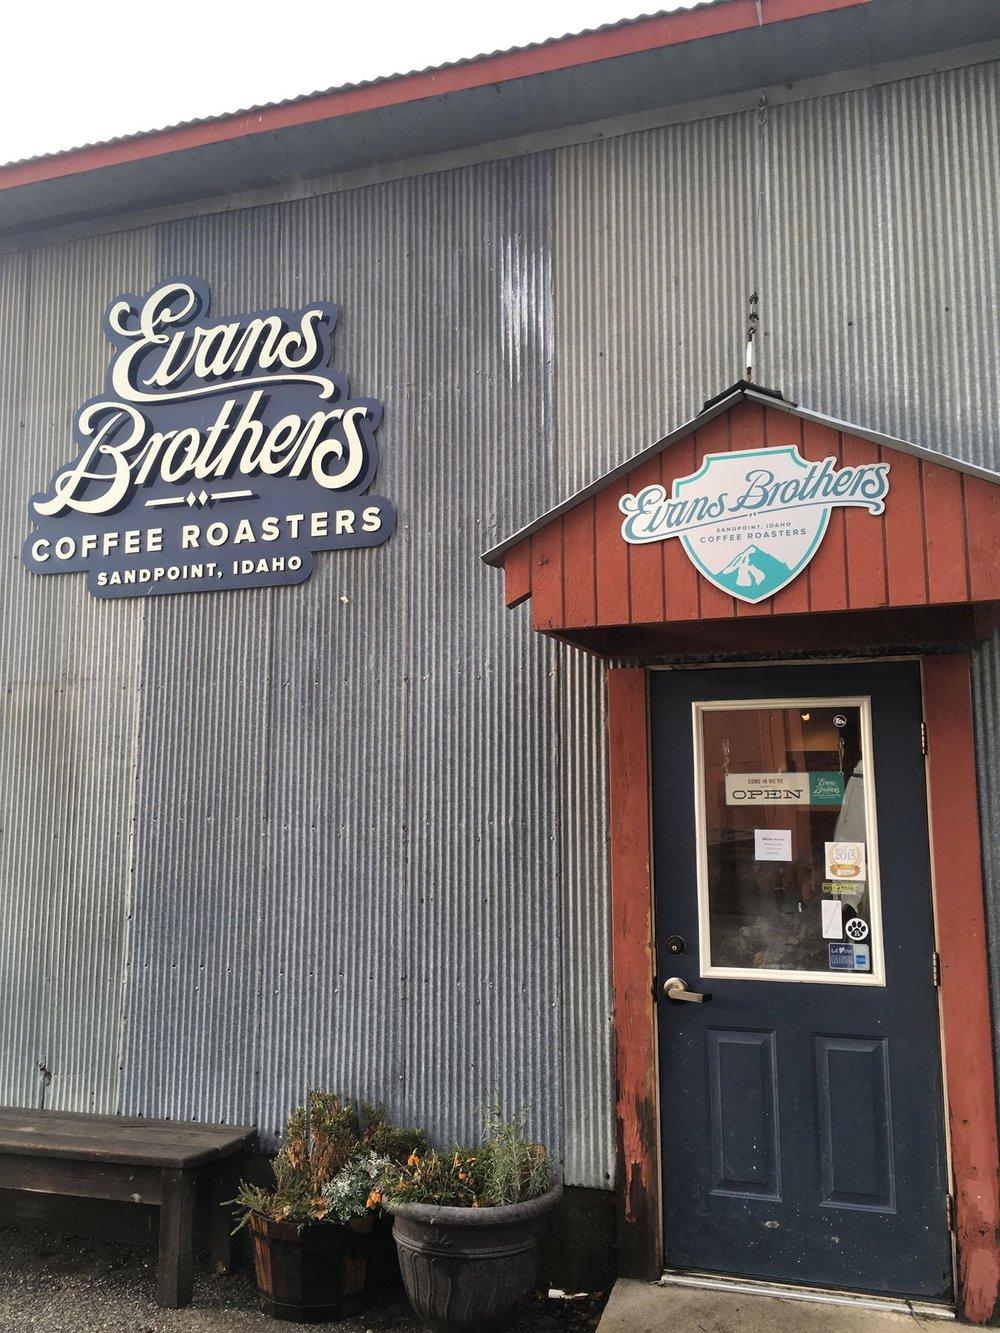 evans brothers coffee roaster building.jpg